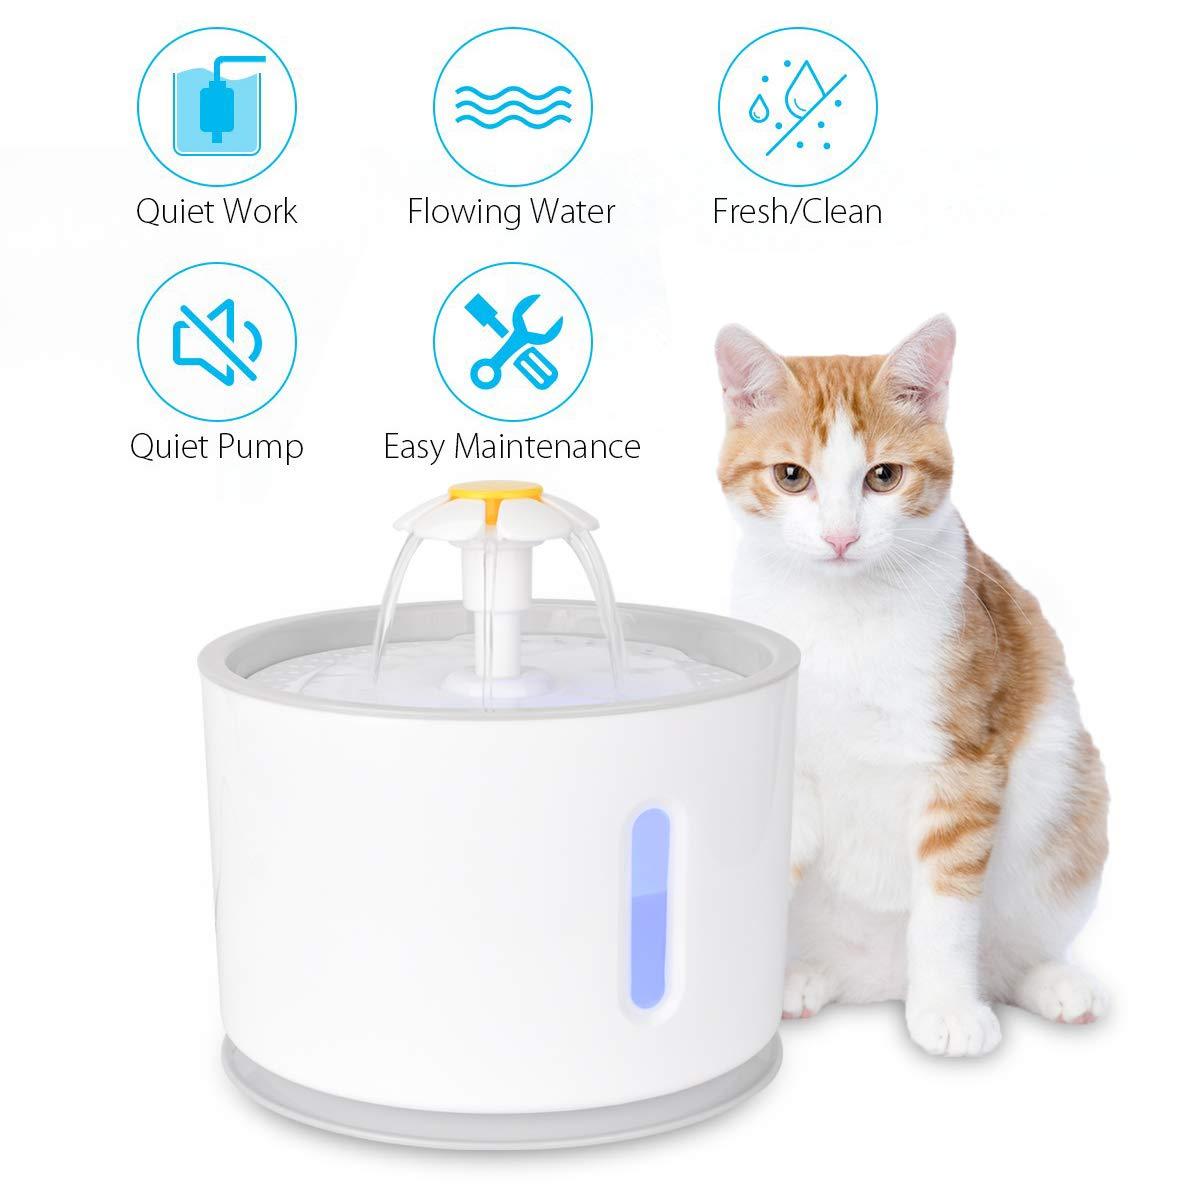 Fuente para Gatos,Iseebiz Bebedero Perro Automatico de 2.4 Litro,Bebedero Gatos de PP con Luz Noctura